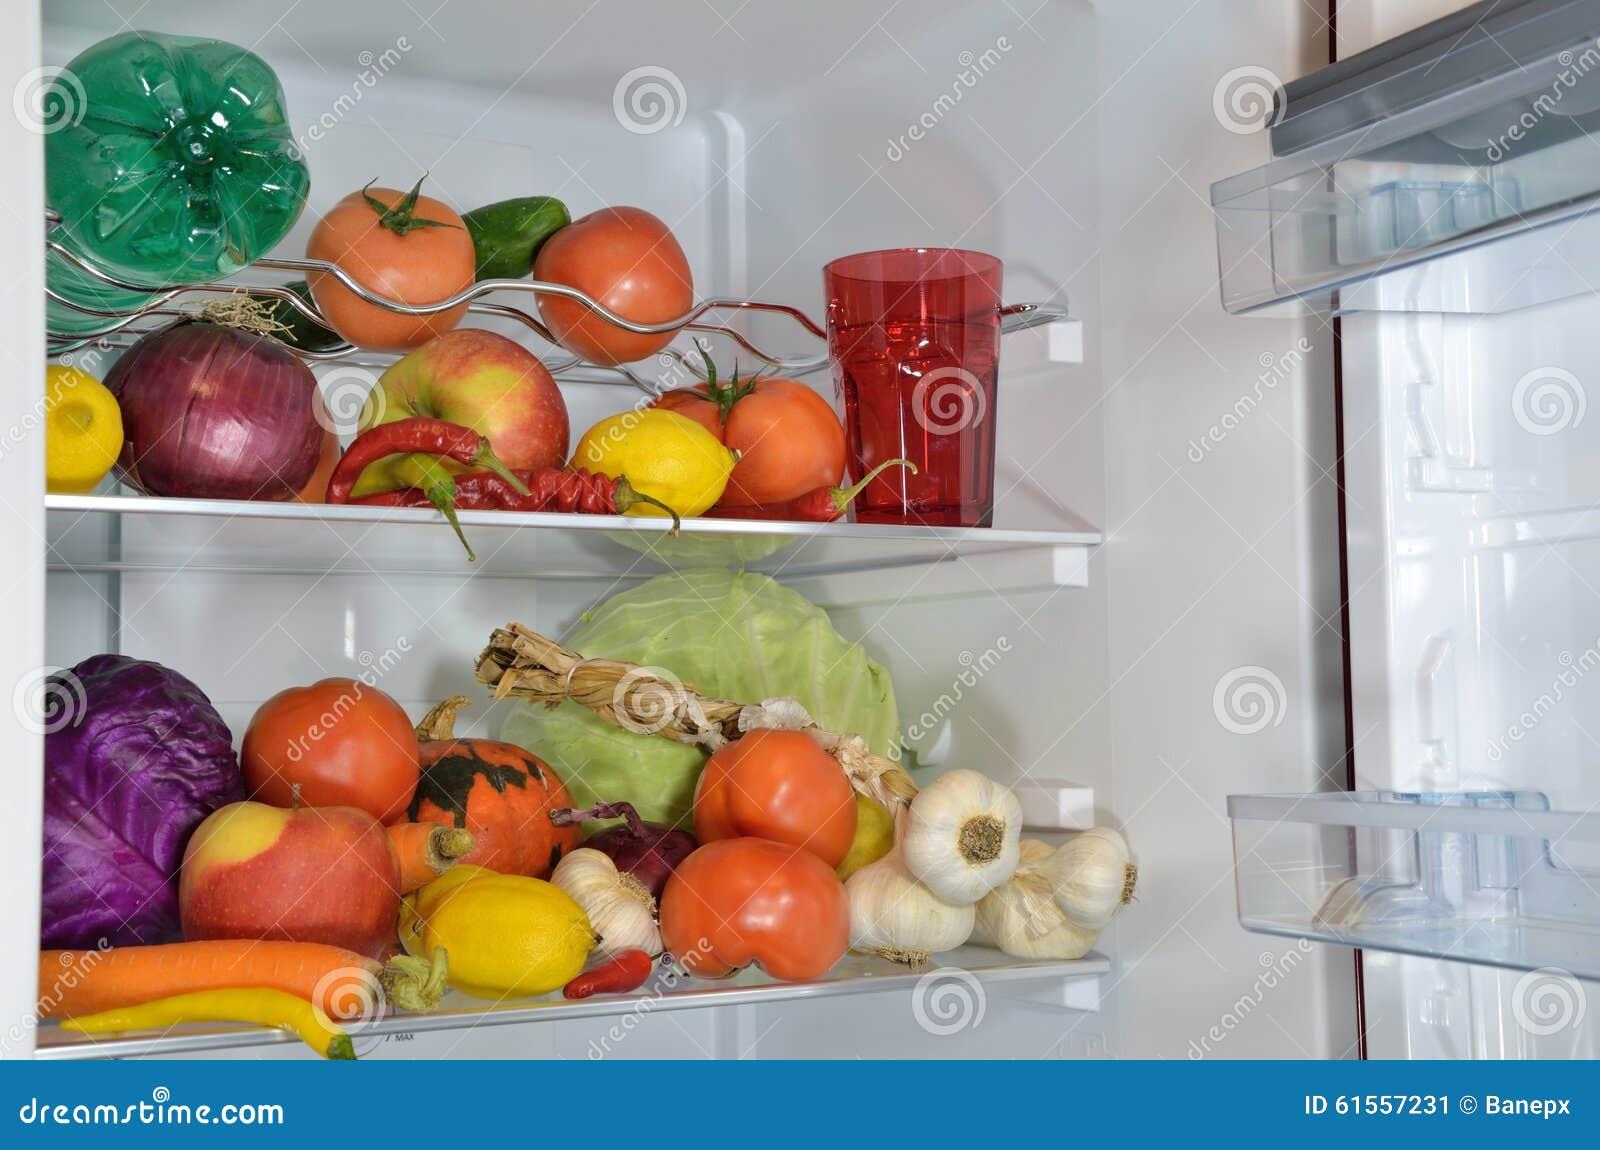 Fruchte Gemuse Und Wasser Im Kuhlschrank Stockbild Bild Von Gurke